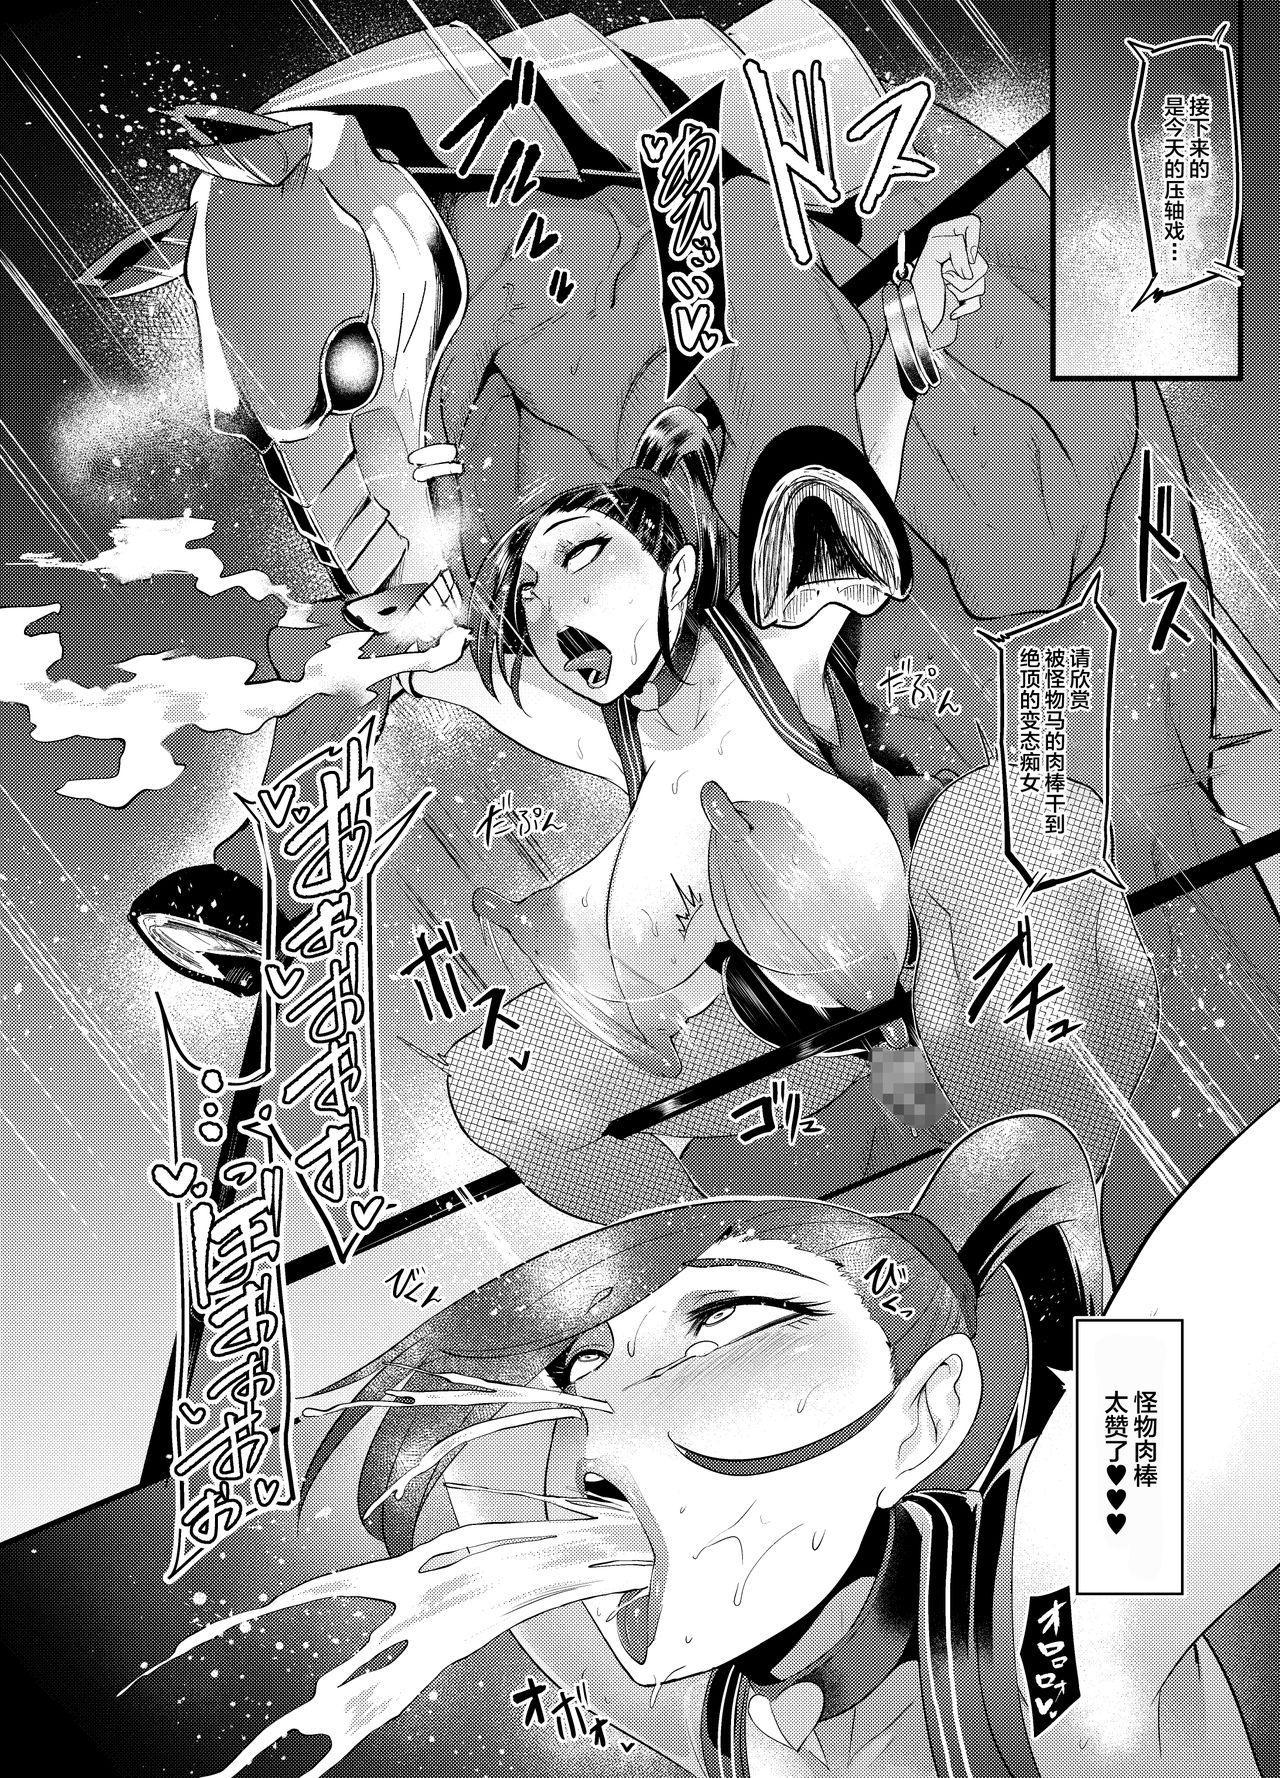 Sennou Sareta Martina ga Kairaku o Wasurerarezu Monster Chinpo ni Dohamari Suru Hanashi | 关于被洗脑了的玛露沉溺于巨根无法忘却性爱快感的二三事 16